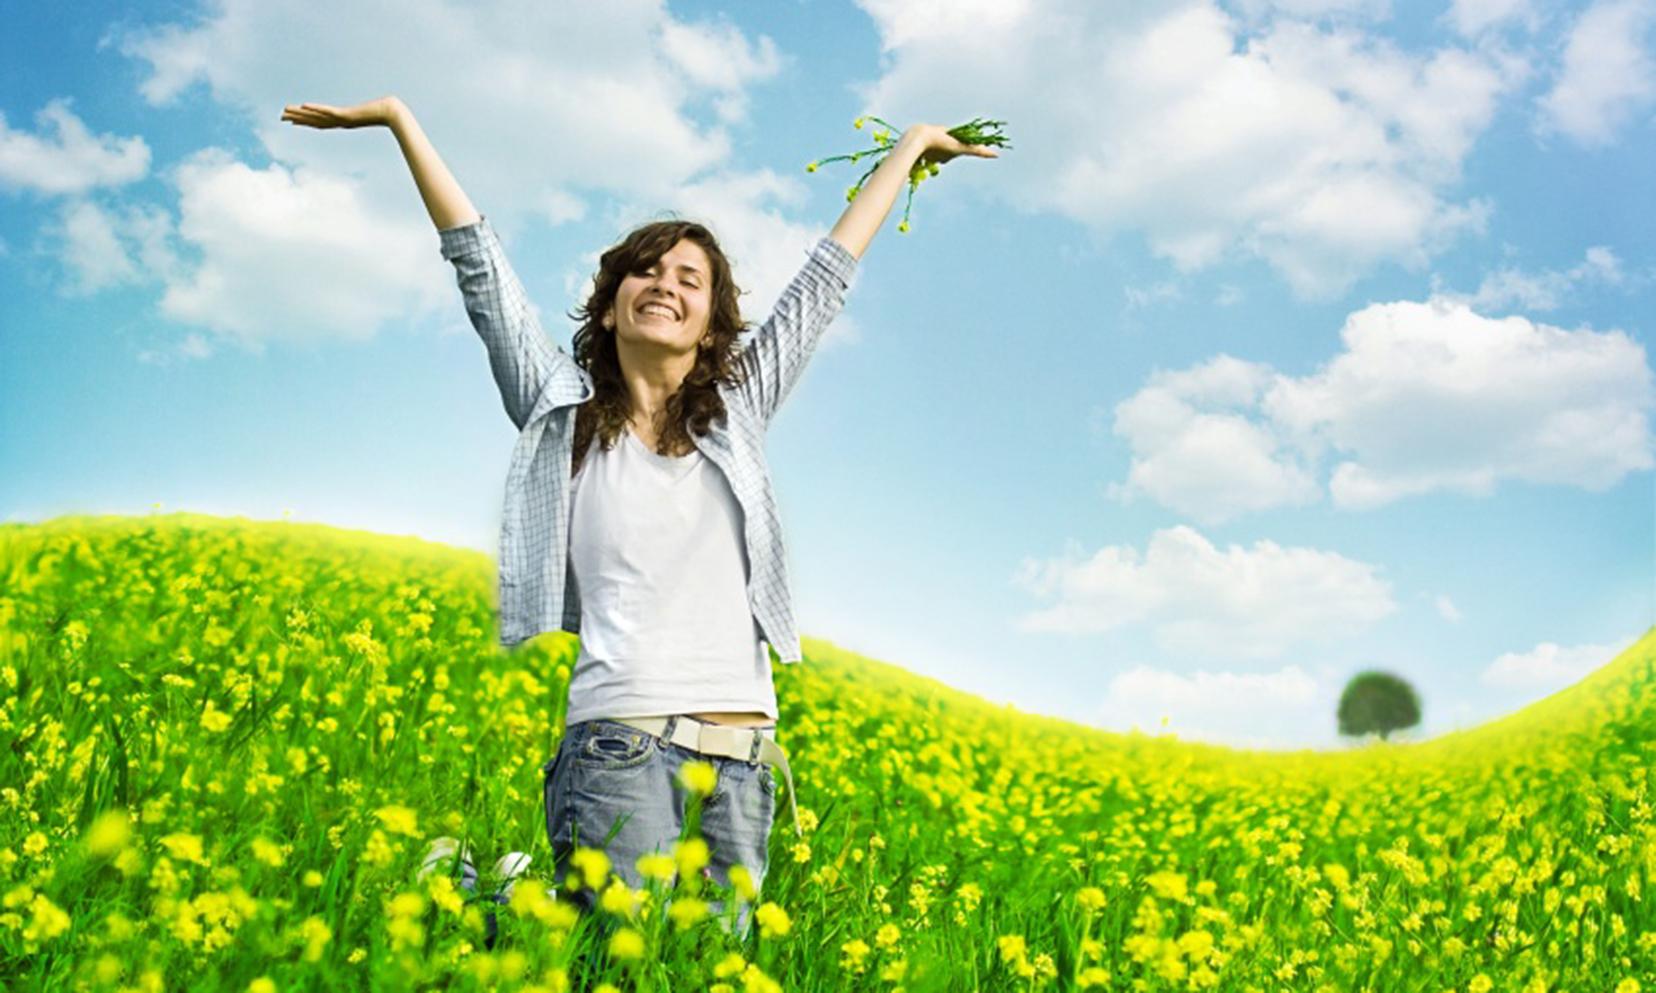 10 راه دستیابی شادی و خوشحالی